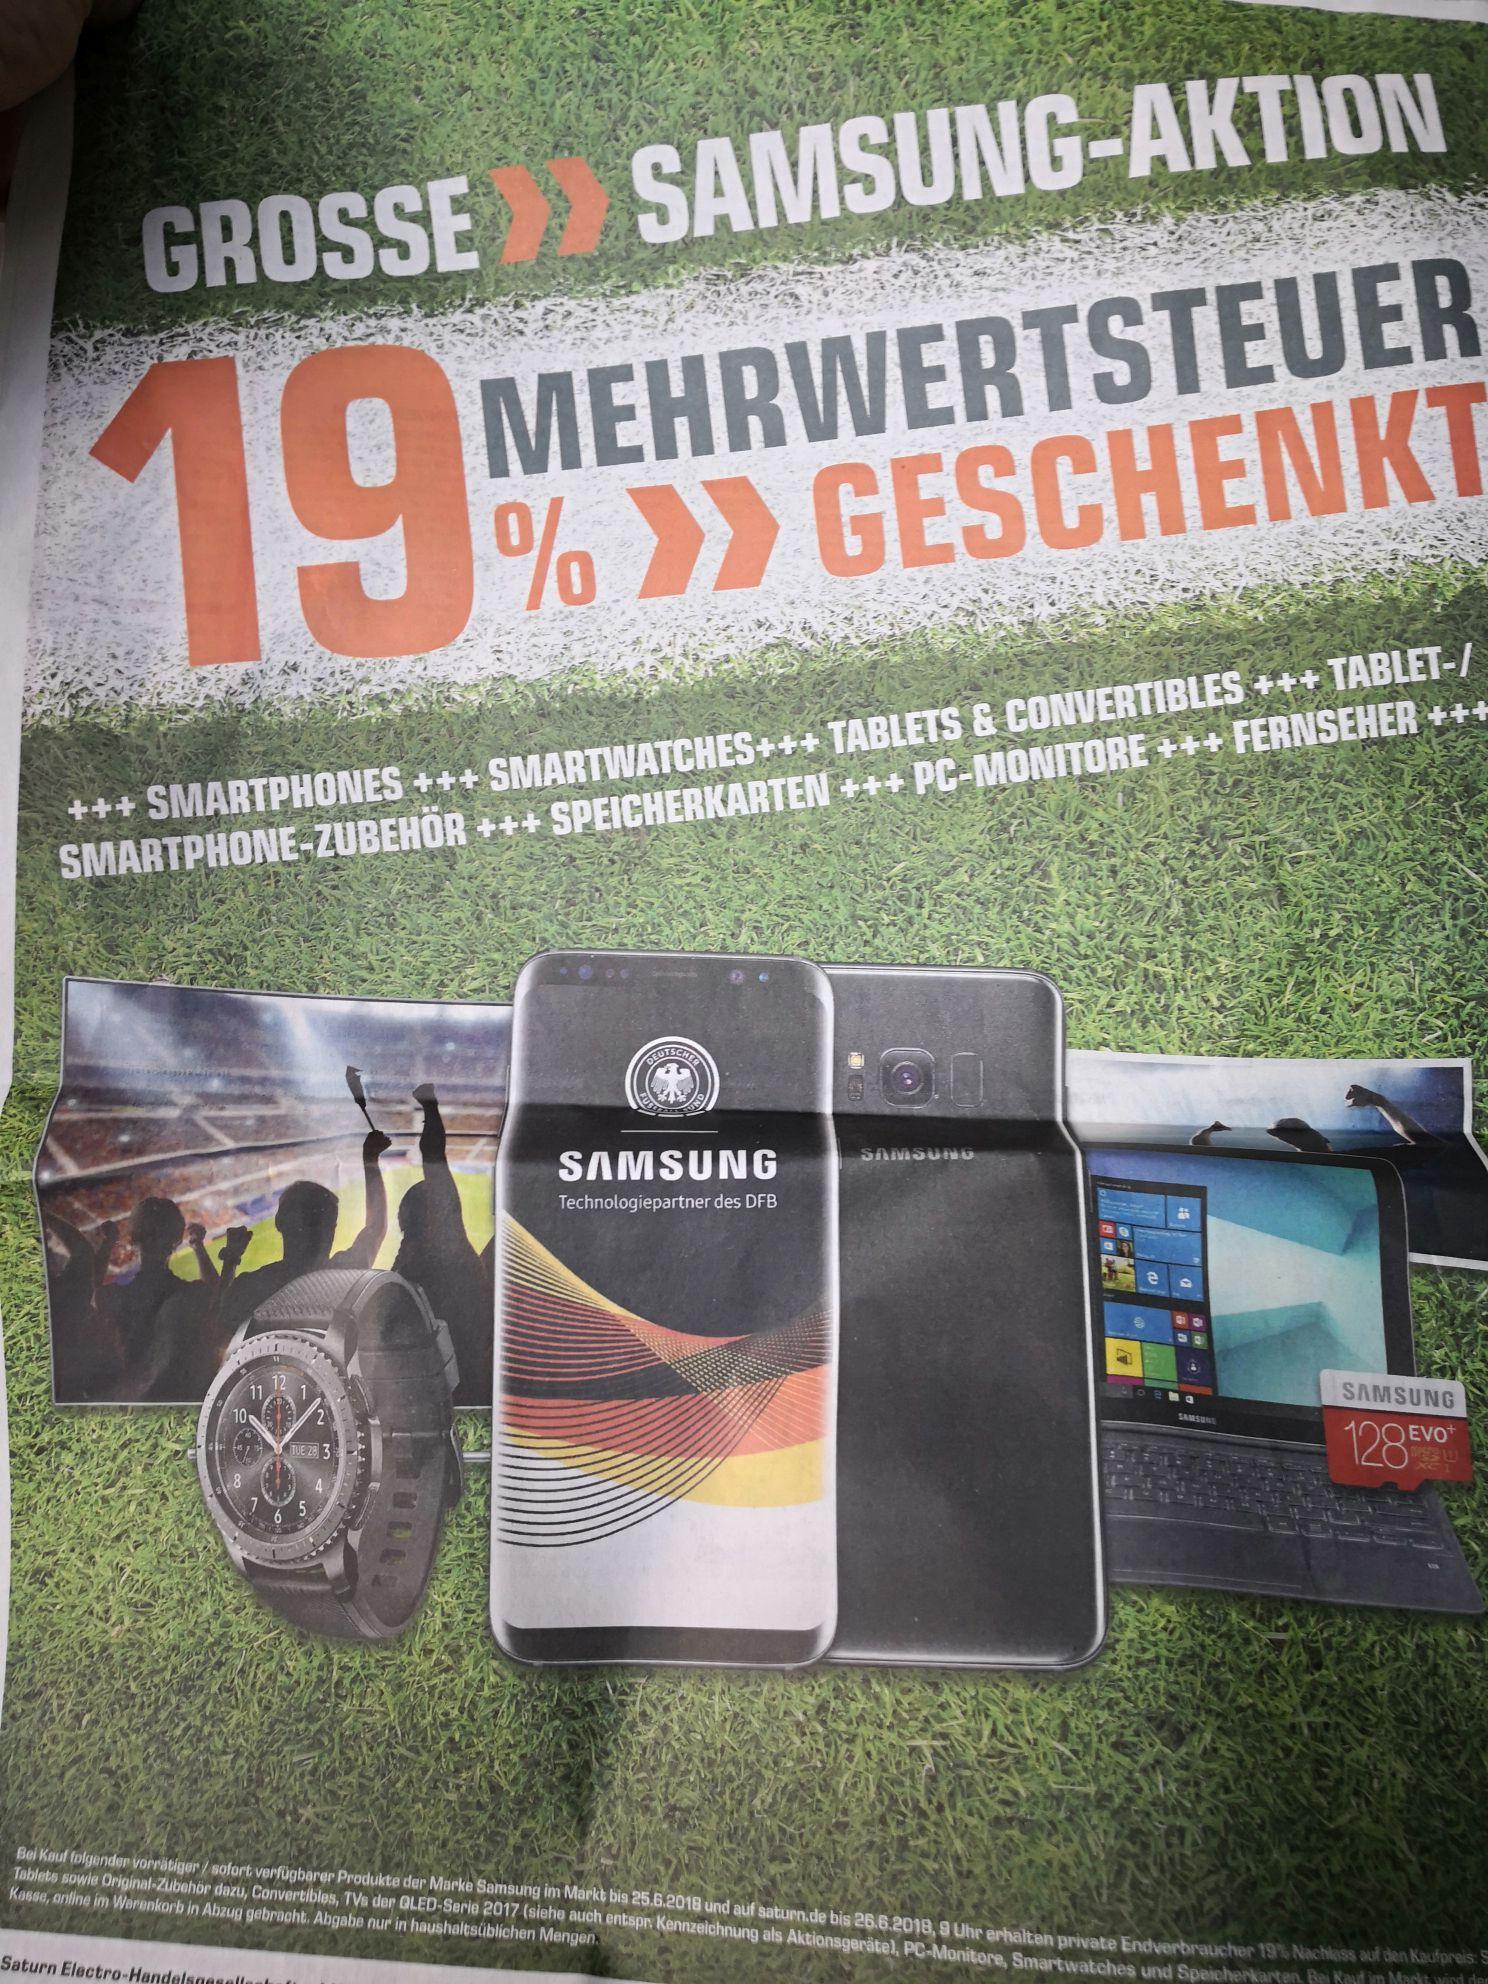 Samsung / Saturn 19 % Aktion in Heilbronn und auf Saturn.de